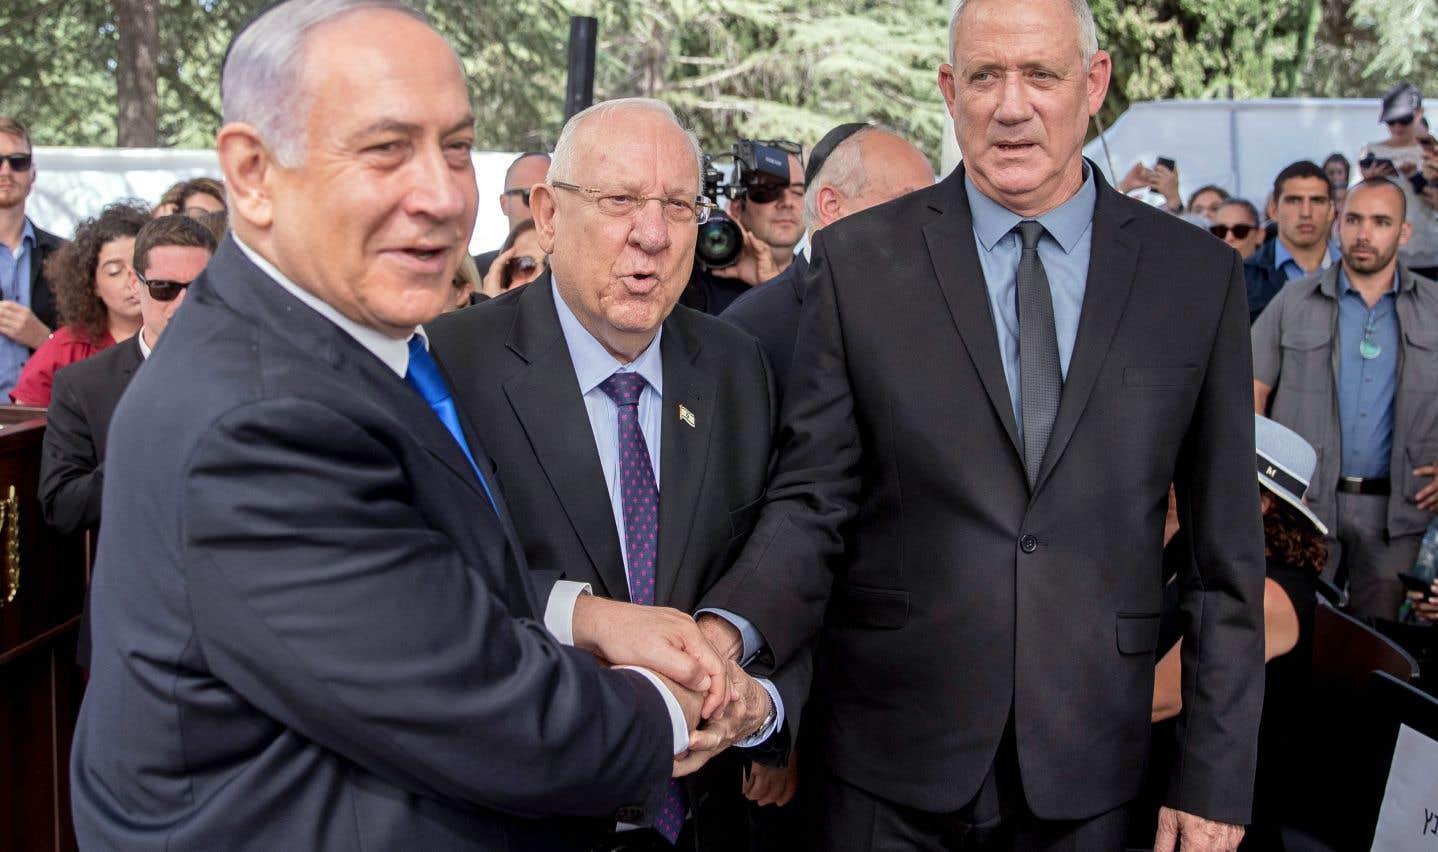 Le premier ministre israélien, Benjamin Nétanyahou, le président,Reuven Rivlin, et le chef du parti Kahol Lavan (Bleu-blanc), Benny Gantz, se sont serré la main. M. Nétanyahou a appelé son rival, M. Gantz, à former un gouvernement d'union nationale, après que les résultats des élections législatives ont placé les deux candidats au coude-à-coude.